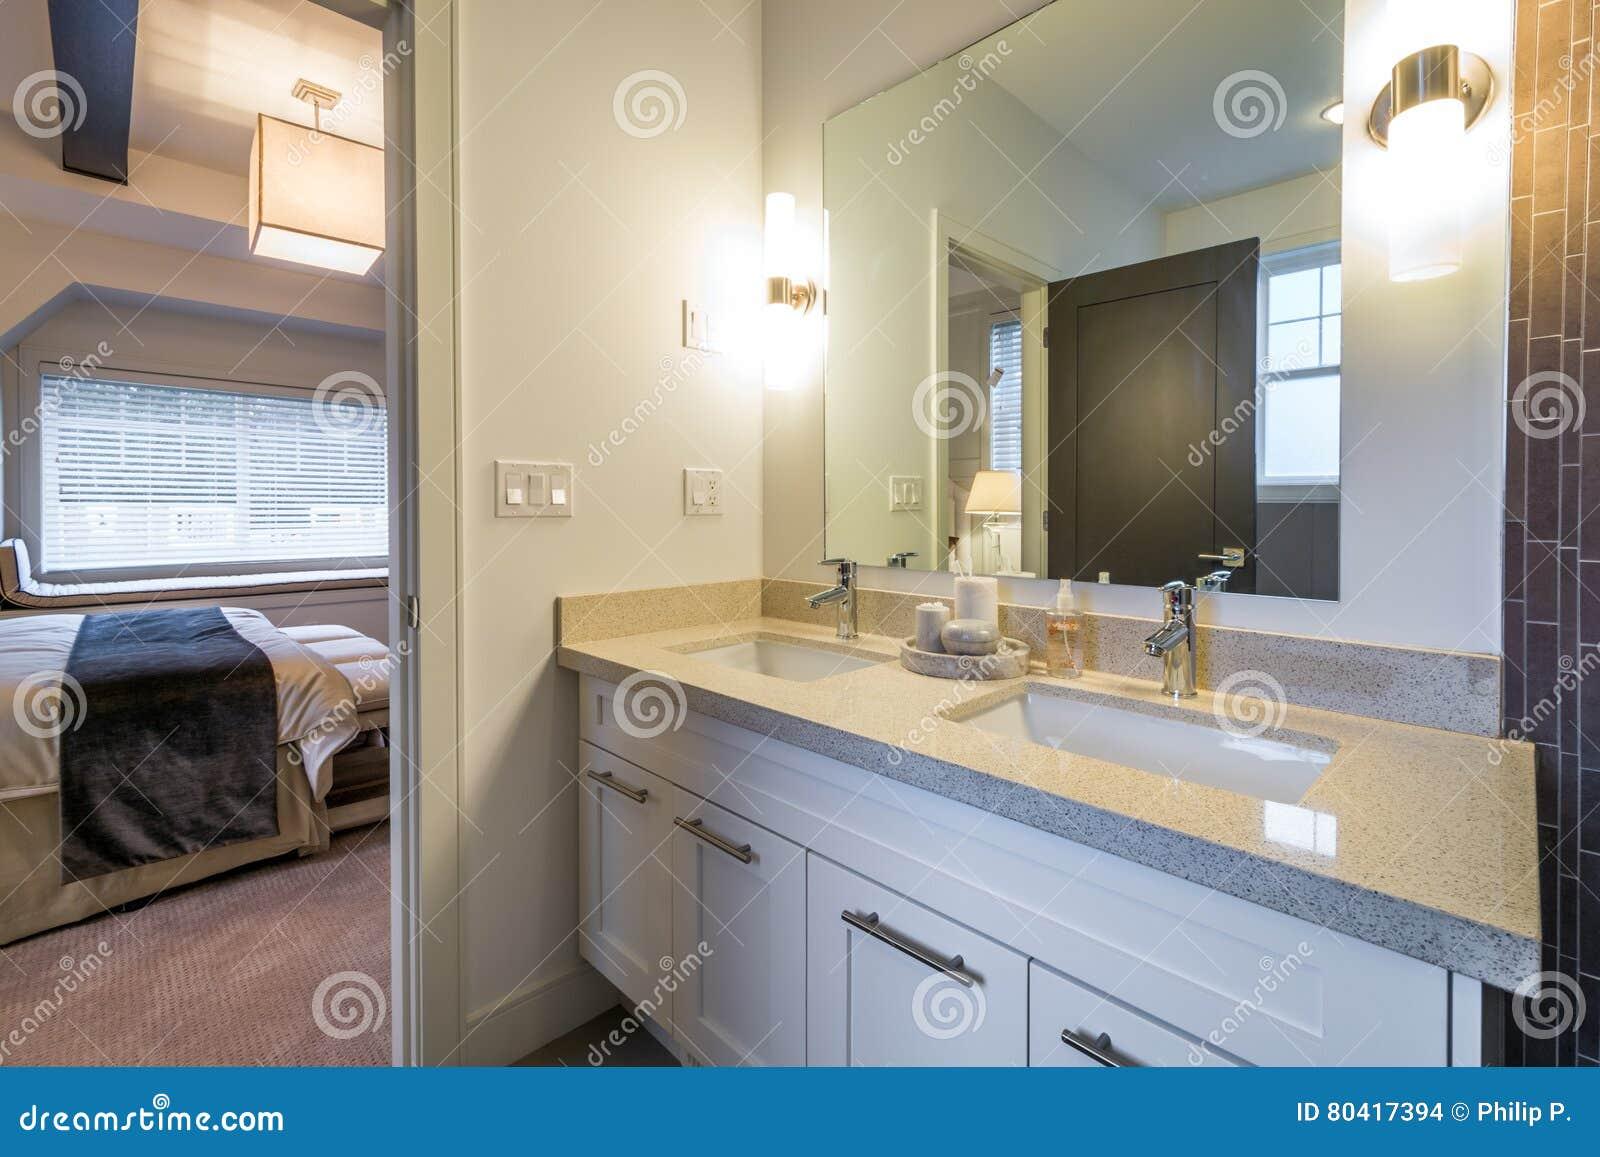 Schönes Badezimmer In Einem Luxushaus Stockfoto - Bild von schön ...